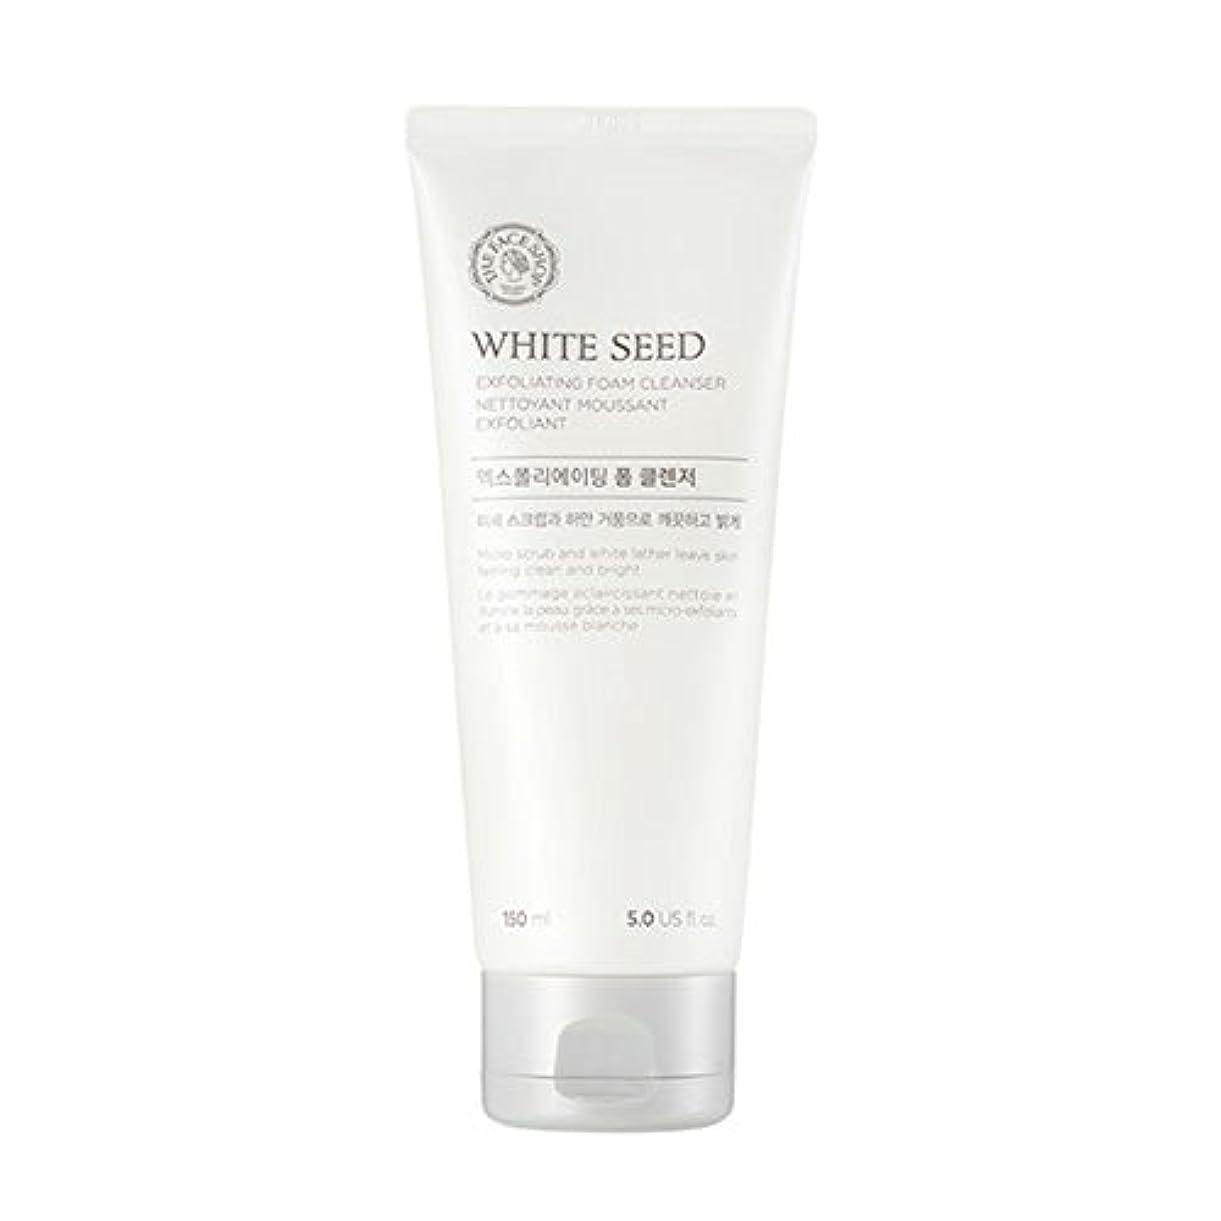 ボリュームクリスチャン旅[ザフェイスショップ] The Face Shop ホワイトシードエクスフォリエイティングクレンザー(150ml) The Face Shop White Seed Exfoliating Foam Cleanser(150ml...